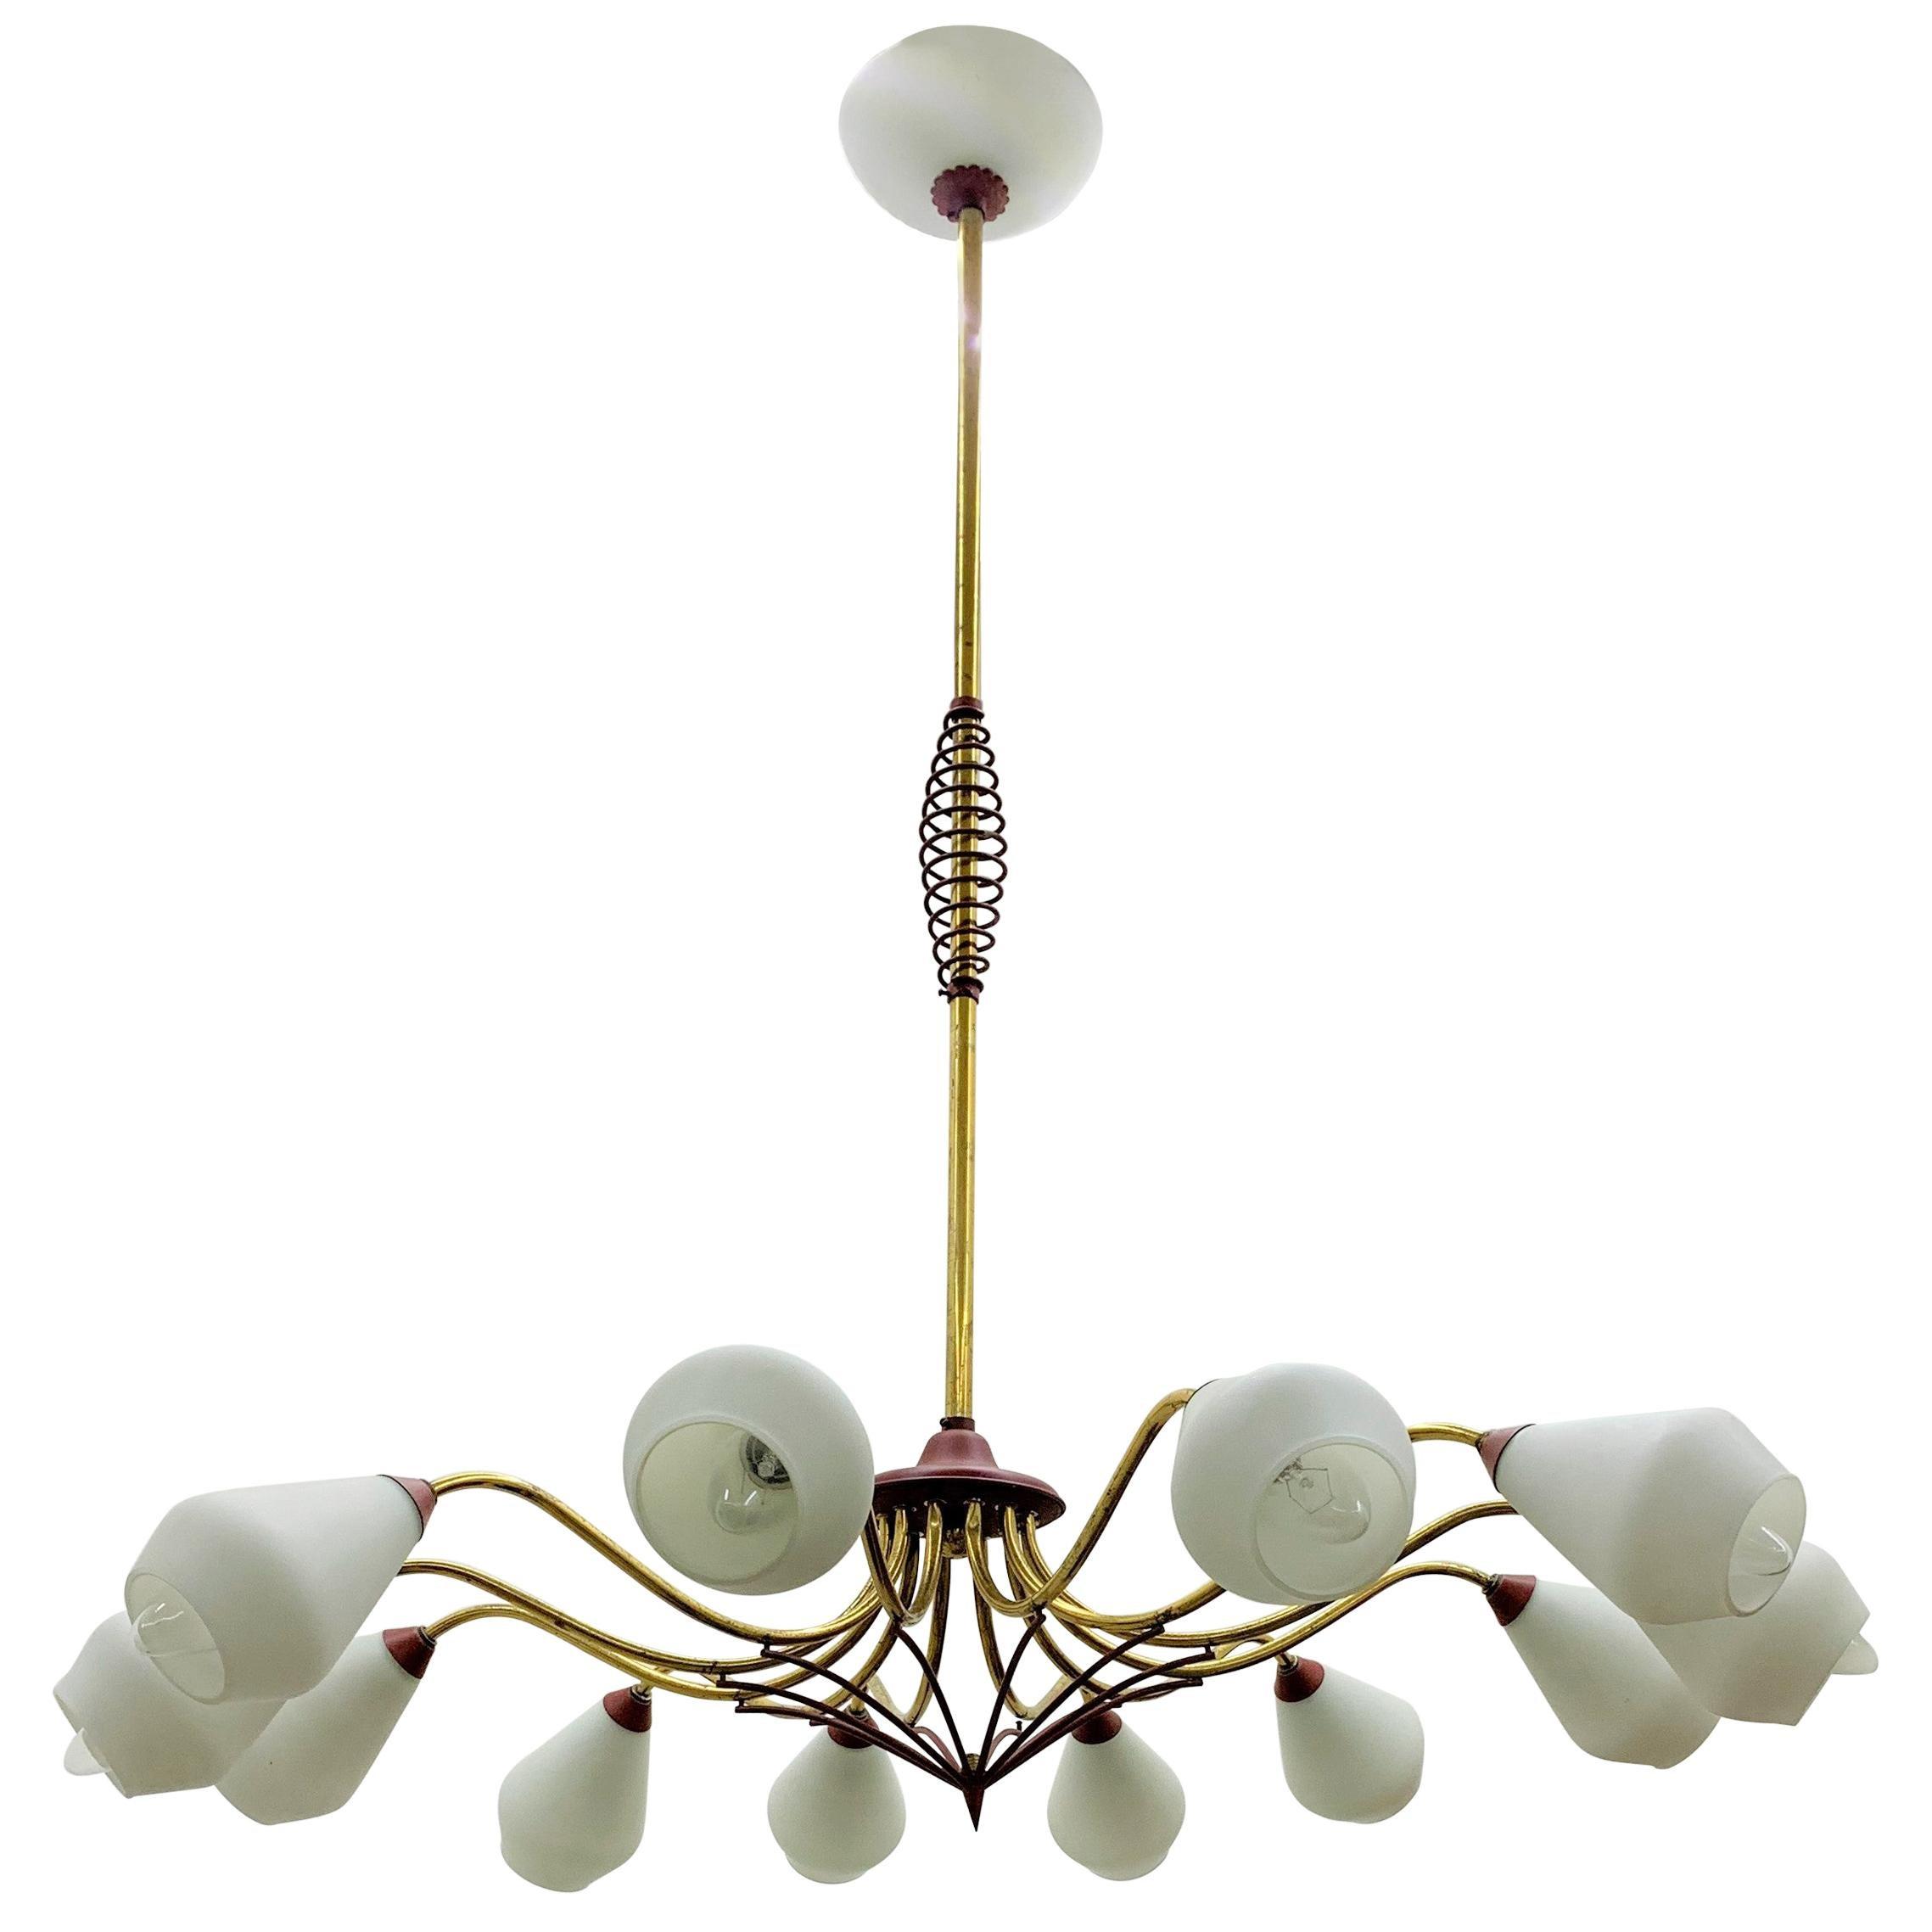 Mid-Century Modern Chandelier in Brass and Opaline Glass, Attributed to Stilnovo